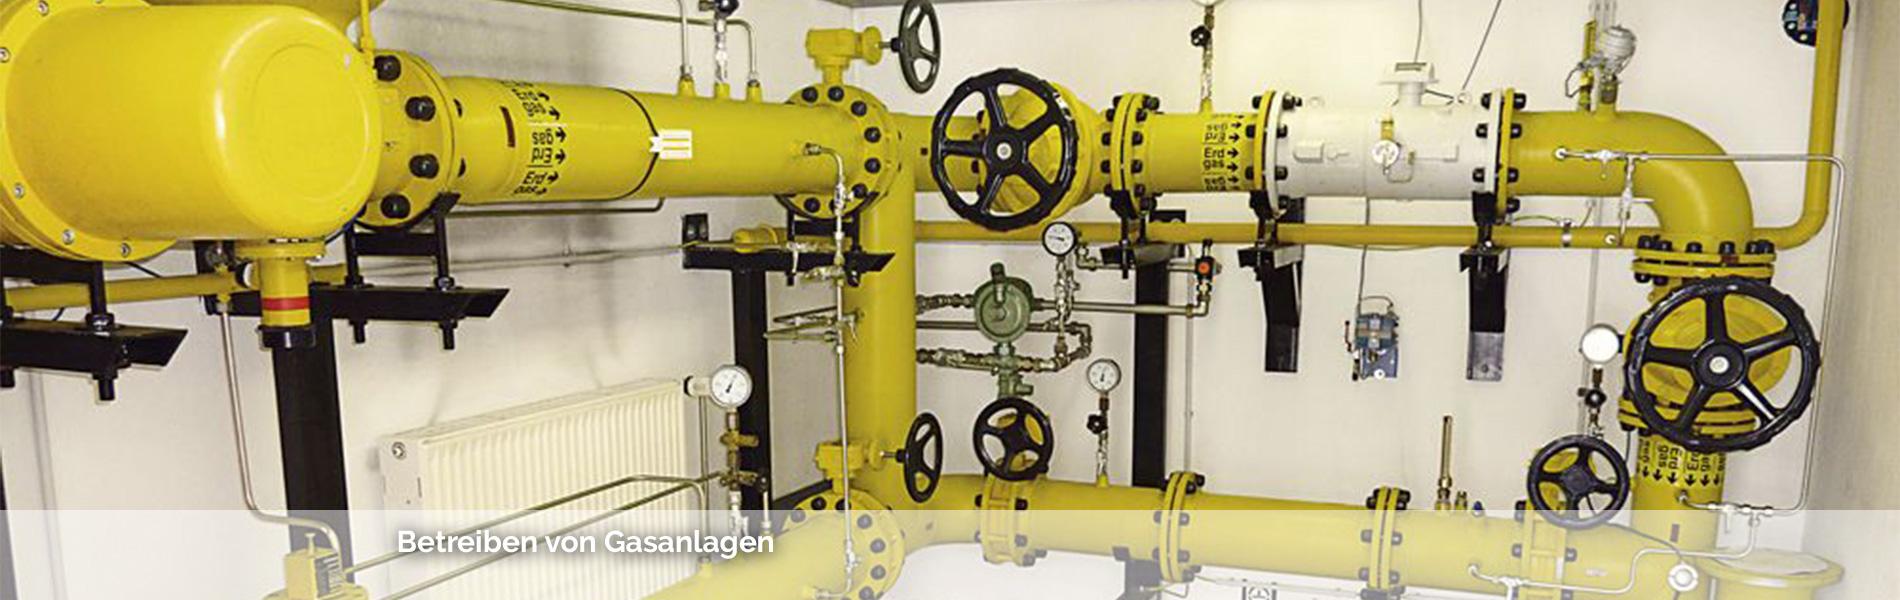 Betreiben von Gasanlagen